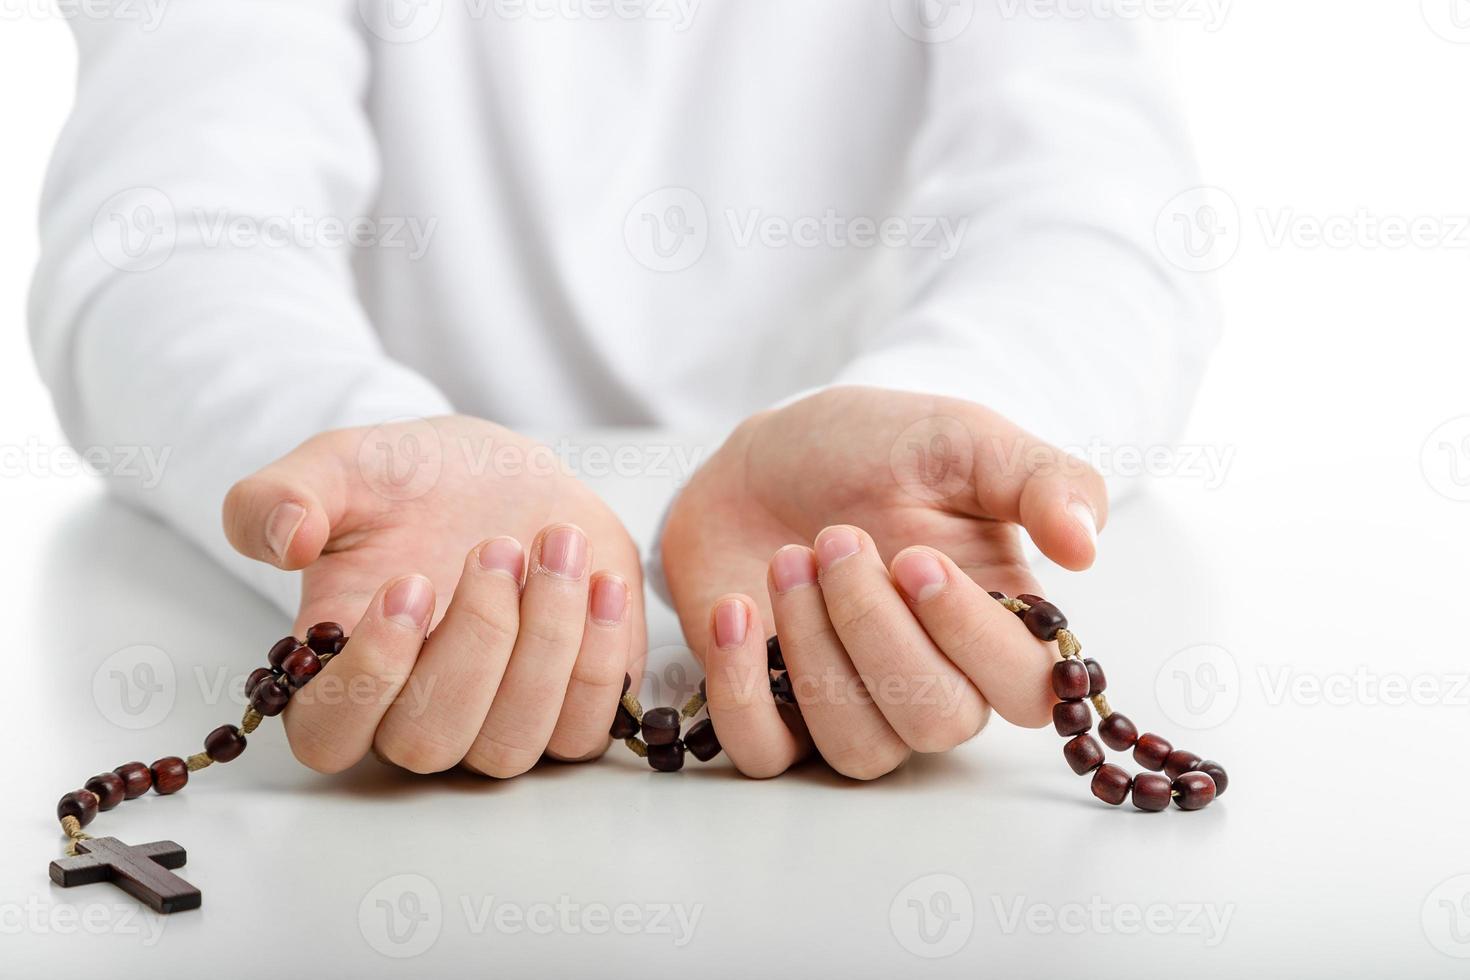 barnhänder erbjuder trä radband pärlor foto